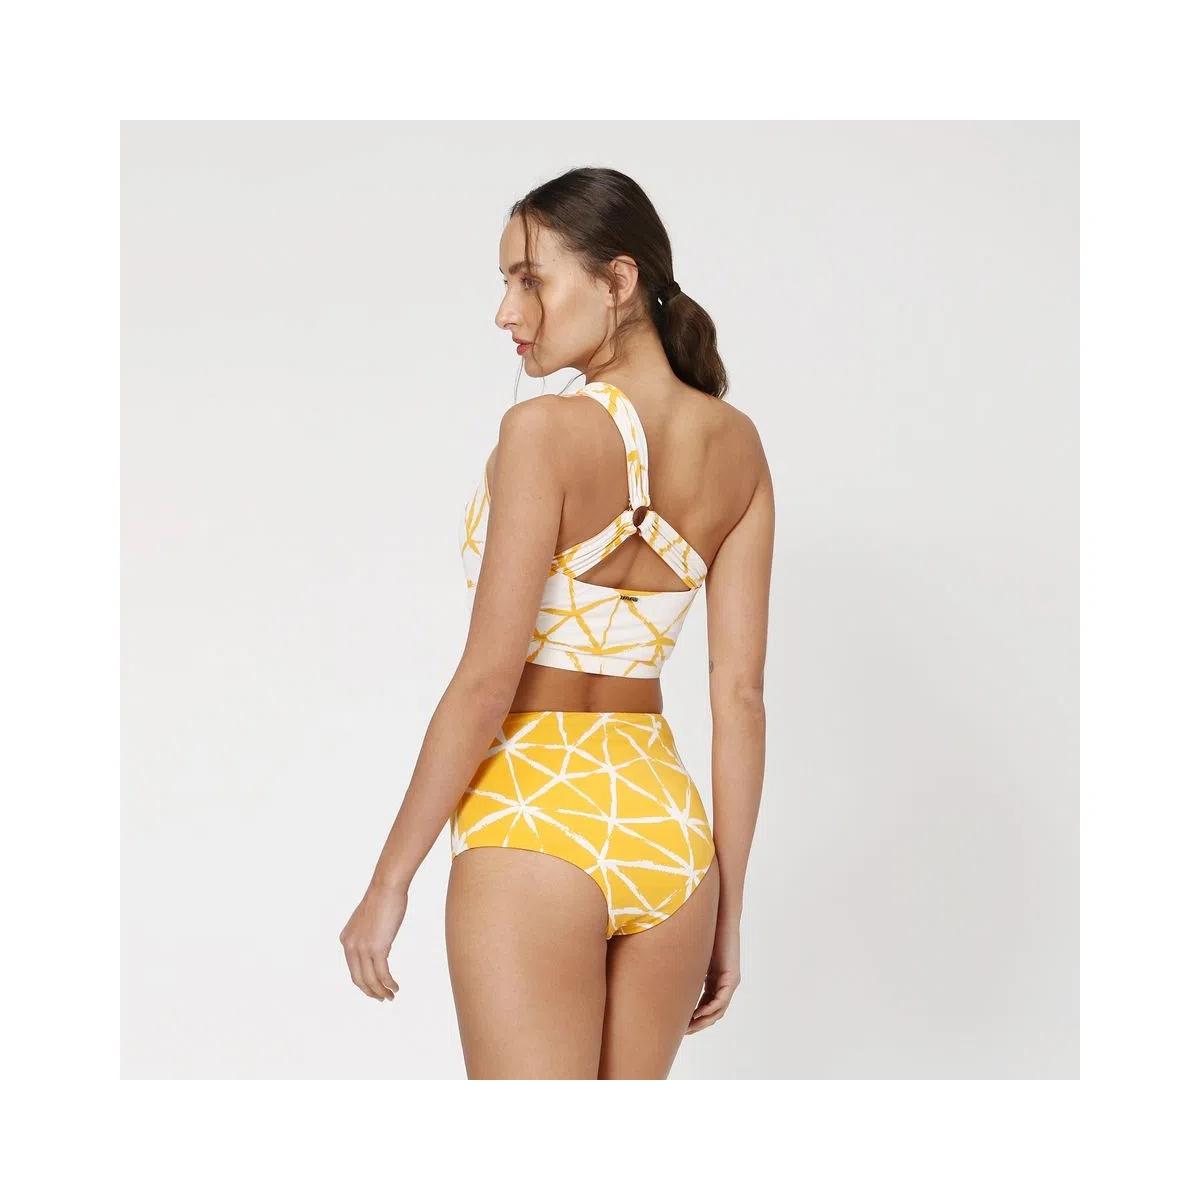 UV LINE Biquini Conjunto Estrela Feminino Amarelo Proteção Solar